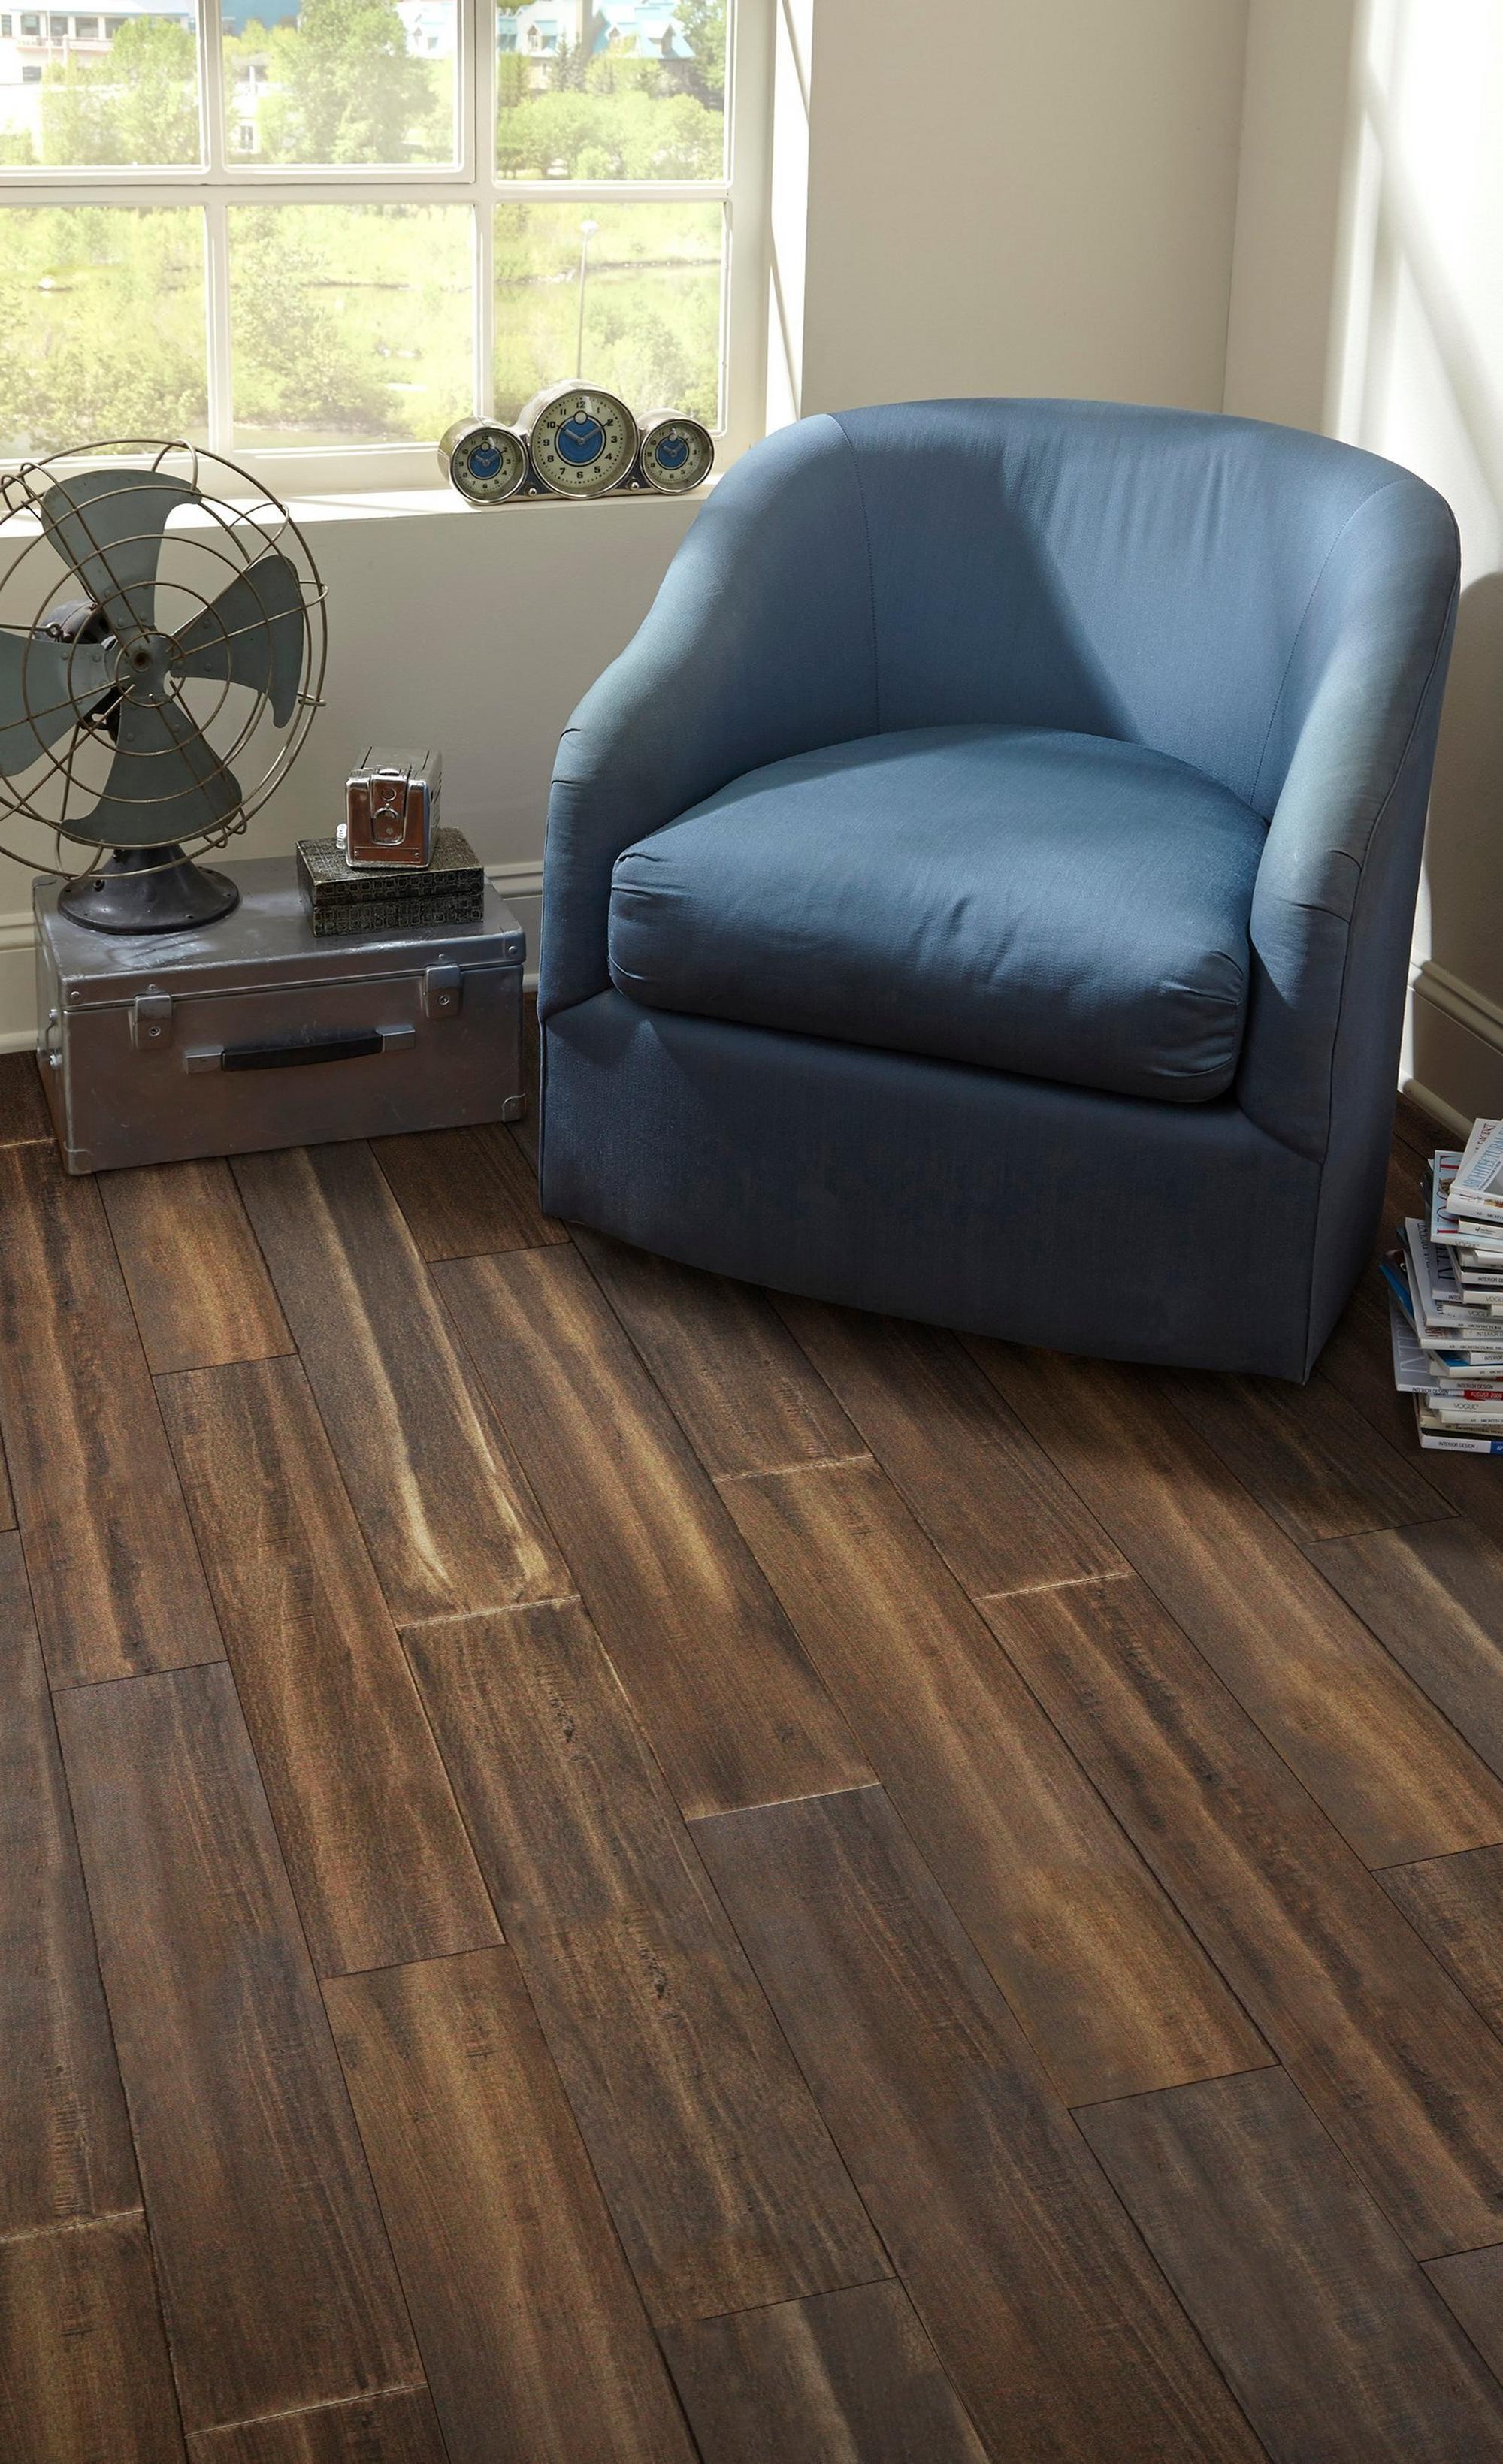 Morel Smooth Water Resistant Engineered Stranded Bamboo Bamboo Flooring Luxury Vinyl Plank Flooring Wood Floors Wide Plank